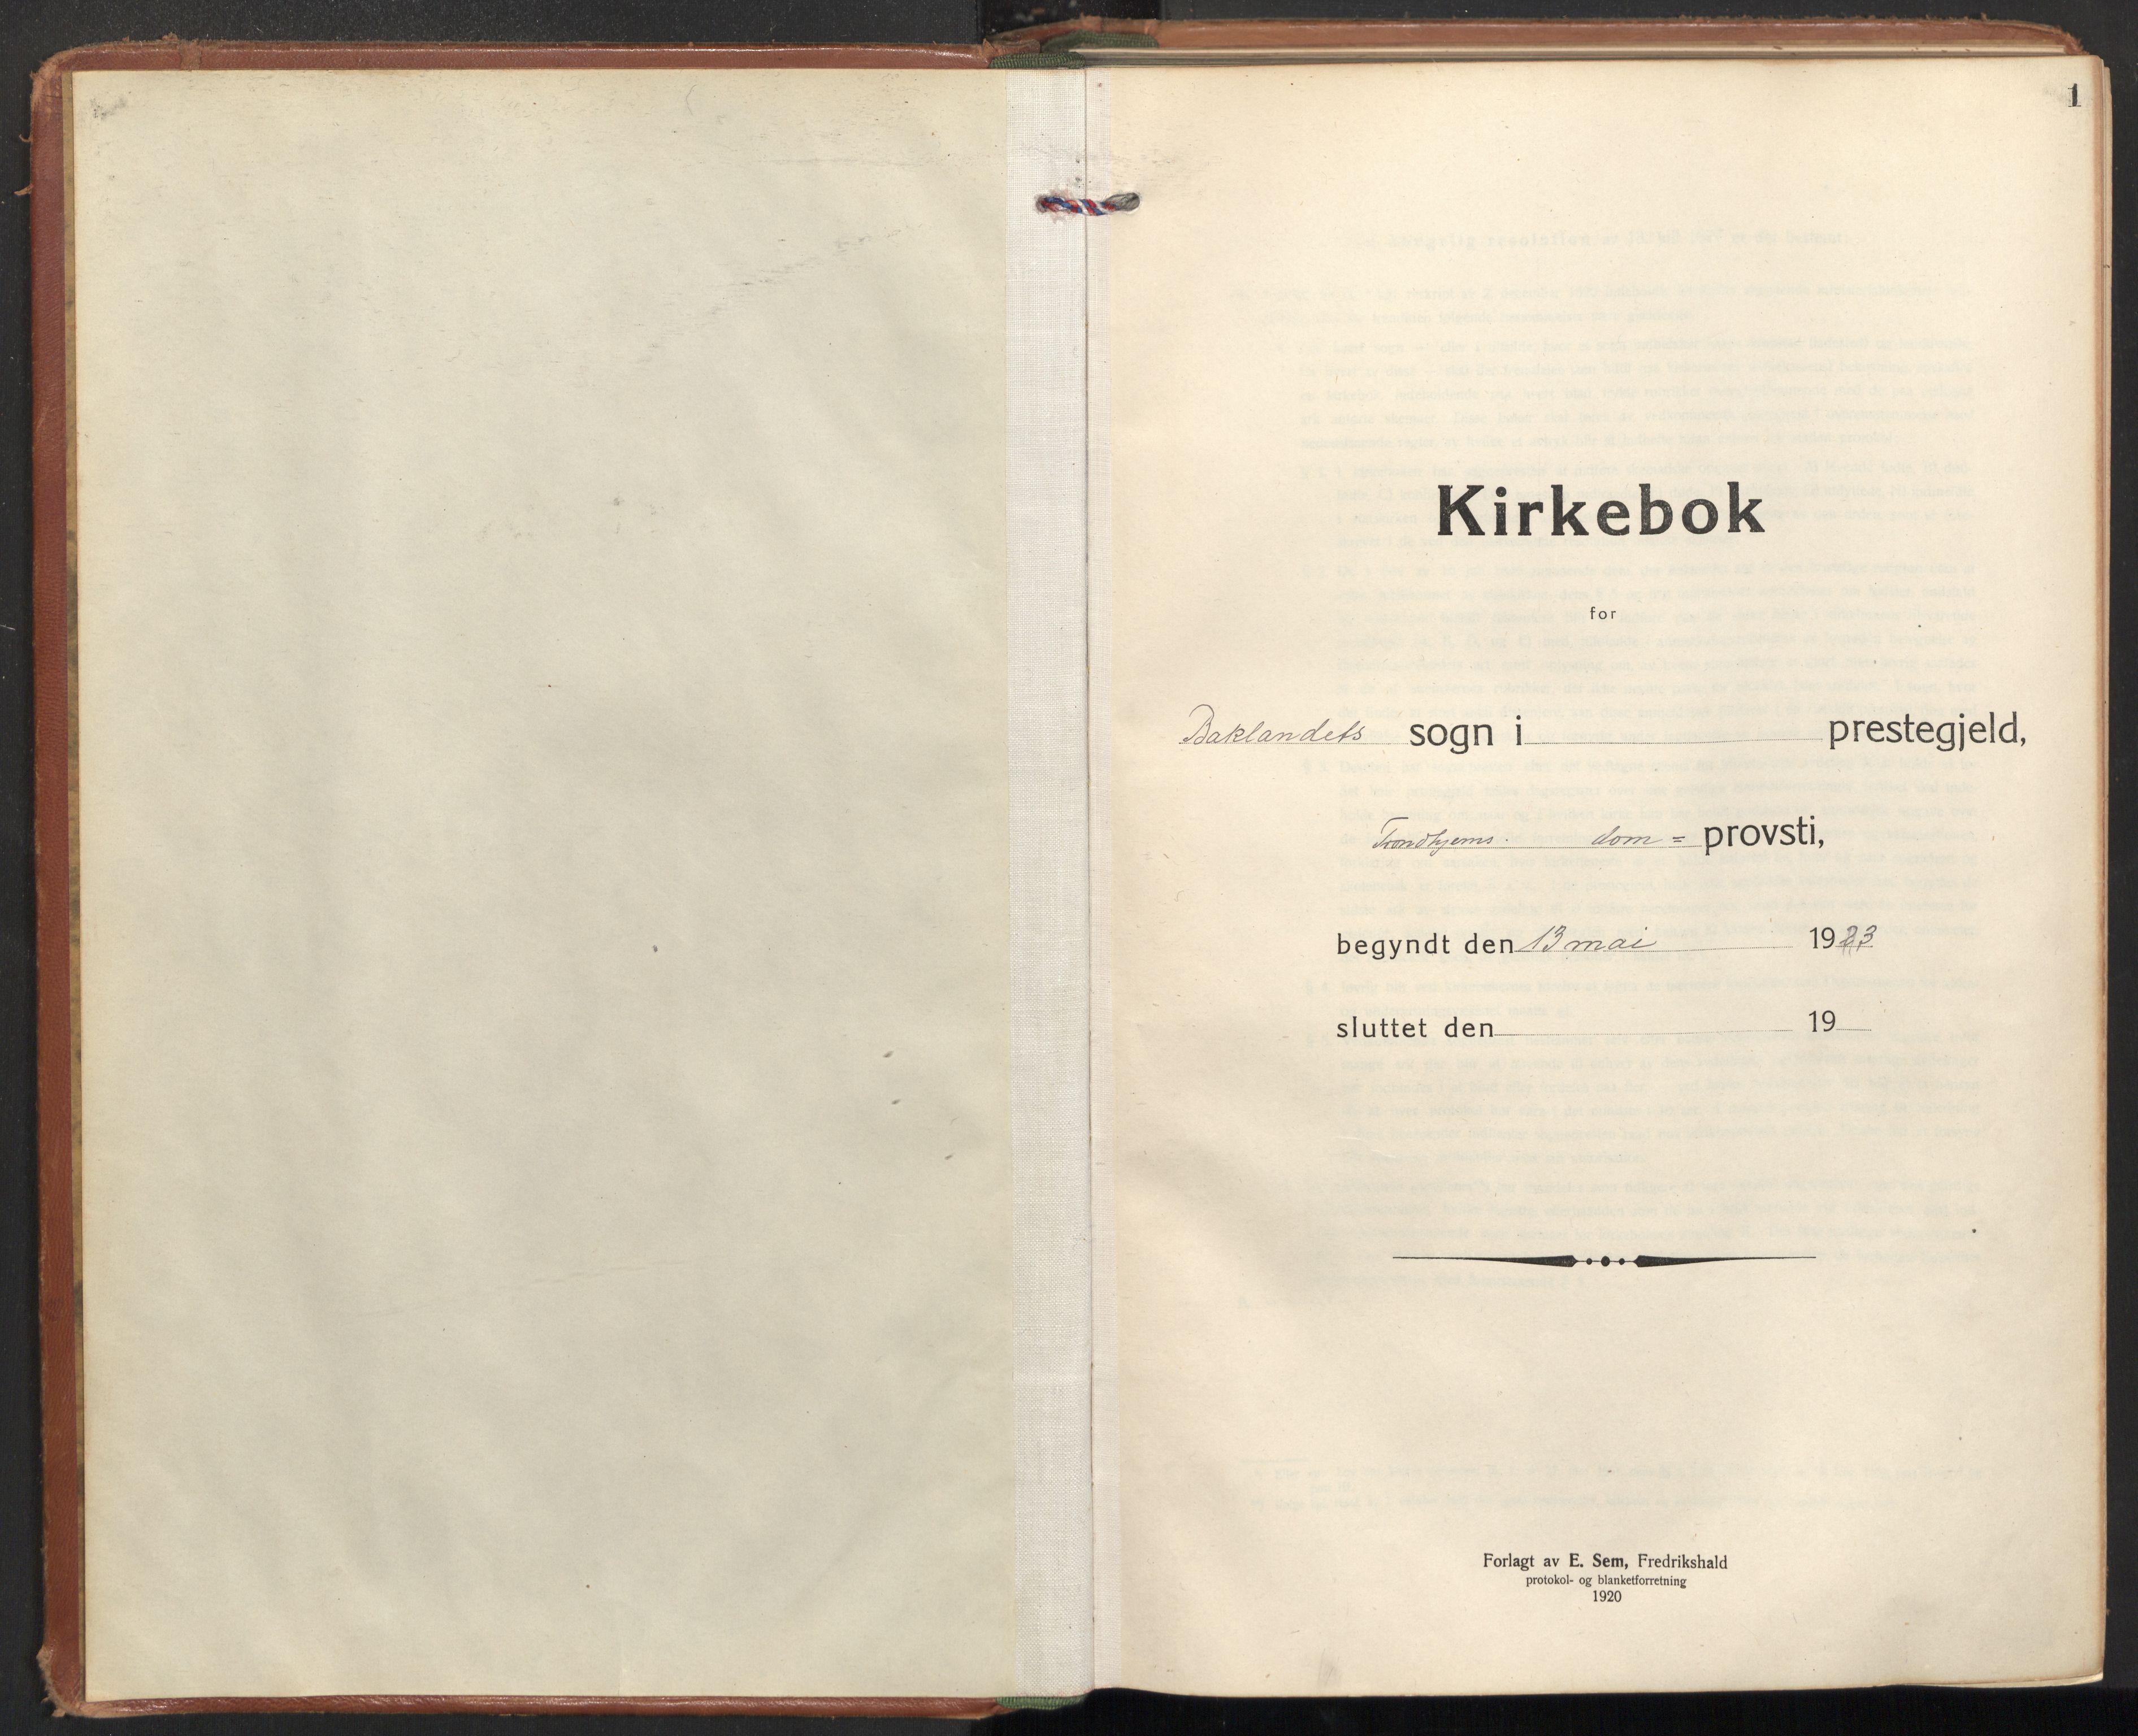 SAT, Ministerialprotokoller, klokkerbøker og fødselsregistre - Sør-Trøndelag, 604/L0208: Ministerialbok nr. 604A28, 1923-1937, s. 1